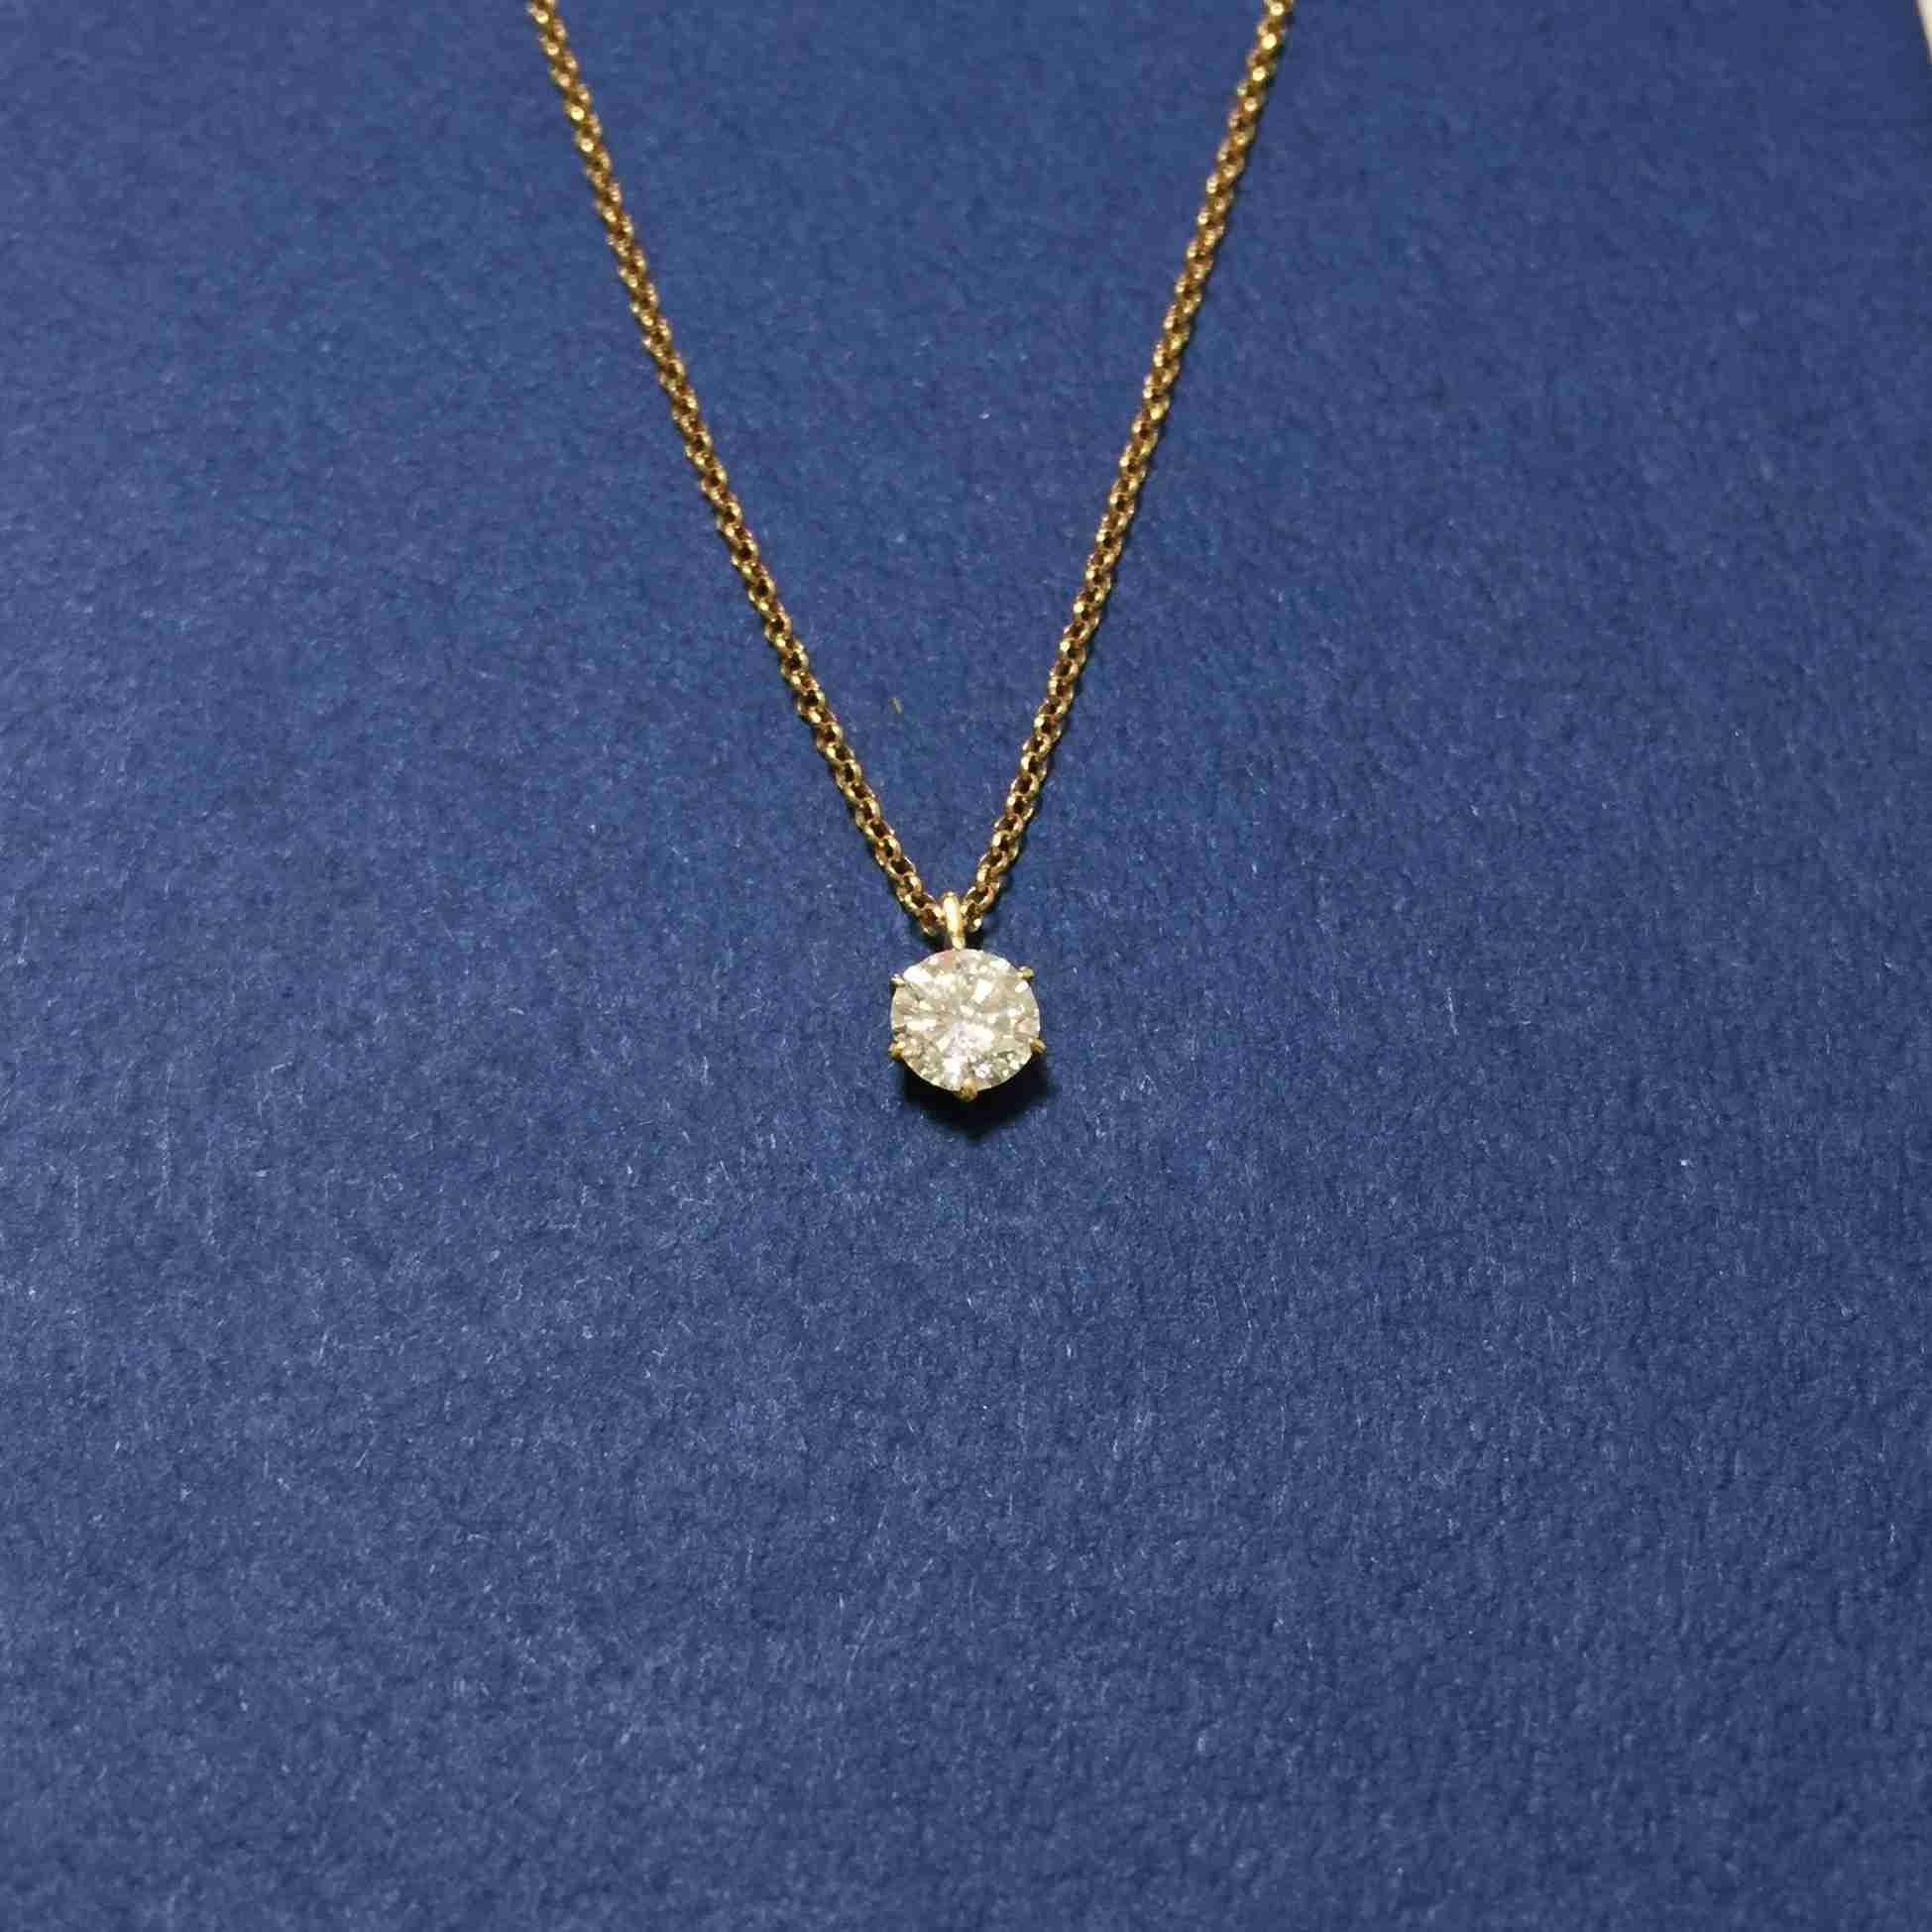 一粒石のダイヤのネックレスのチェーンはゴールド派?プラチナ派?